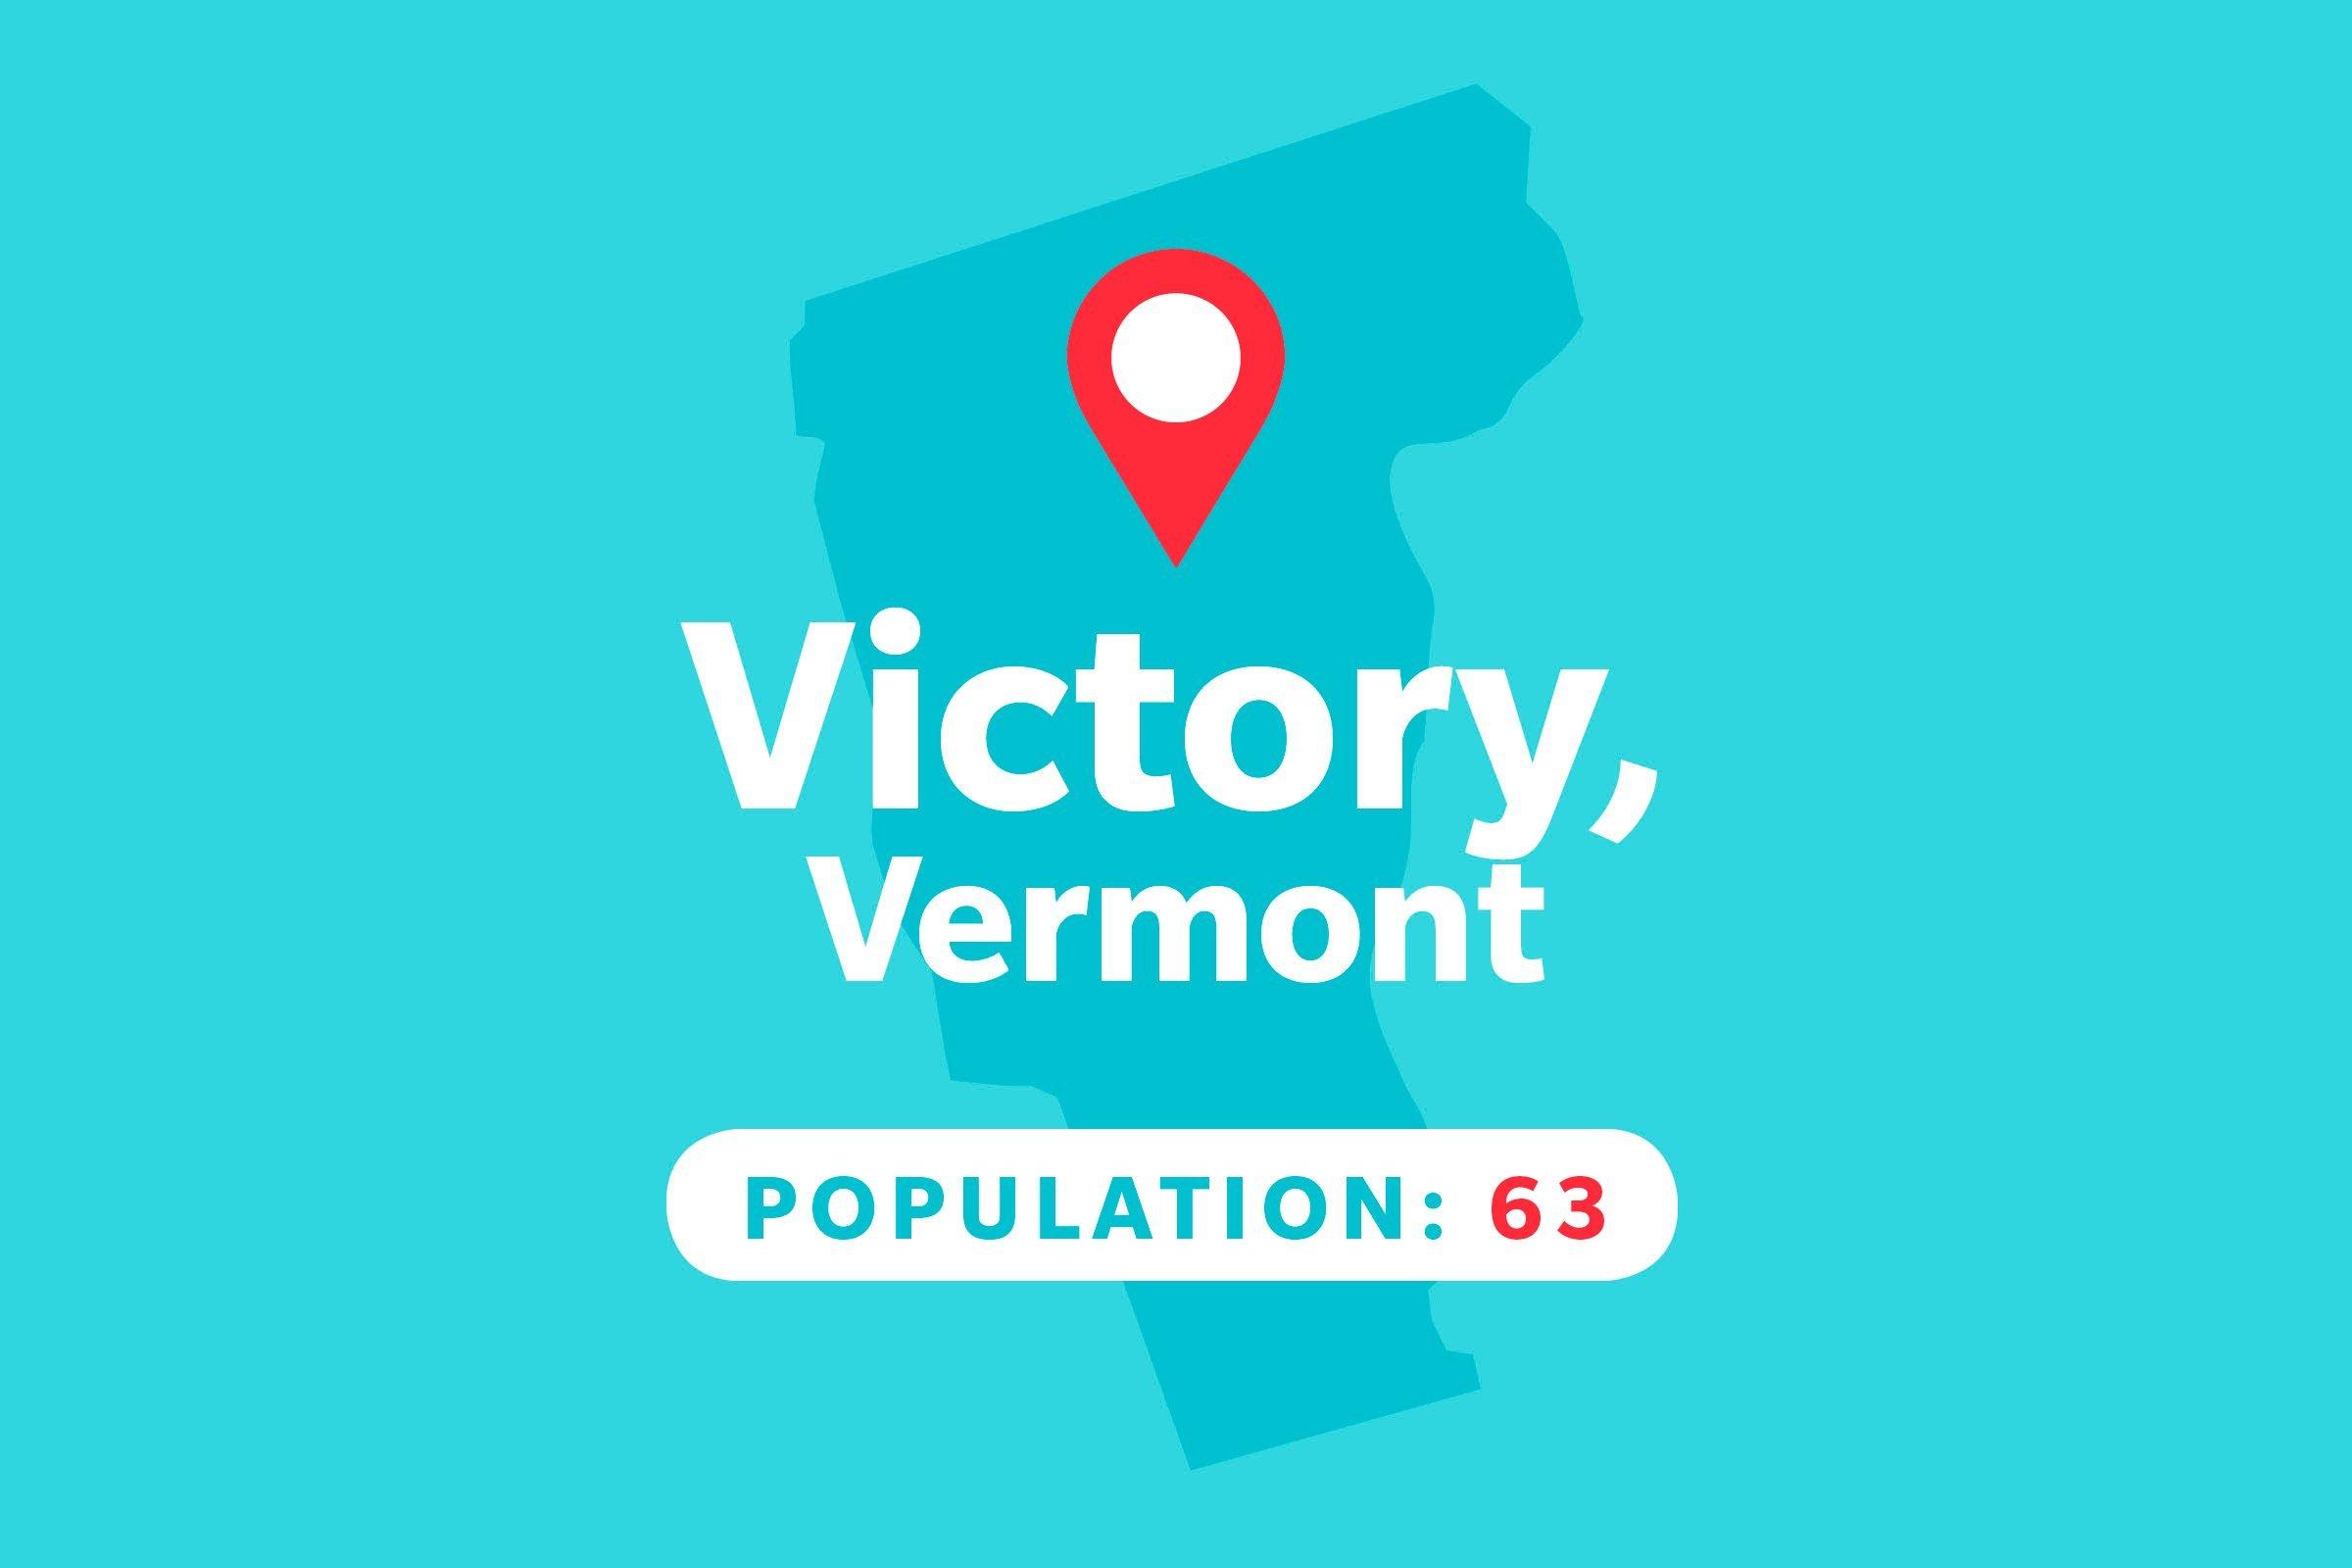 Victory, Vermont